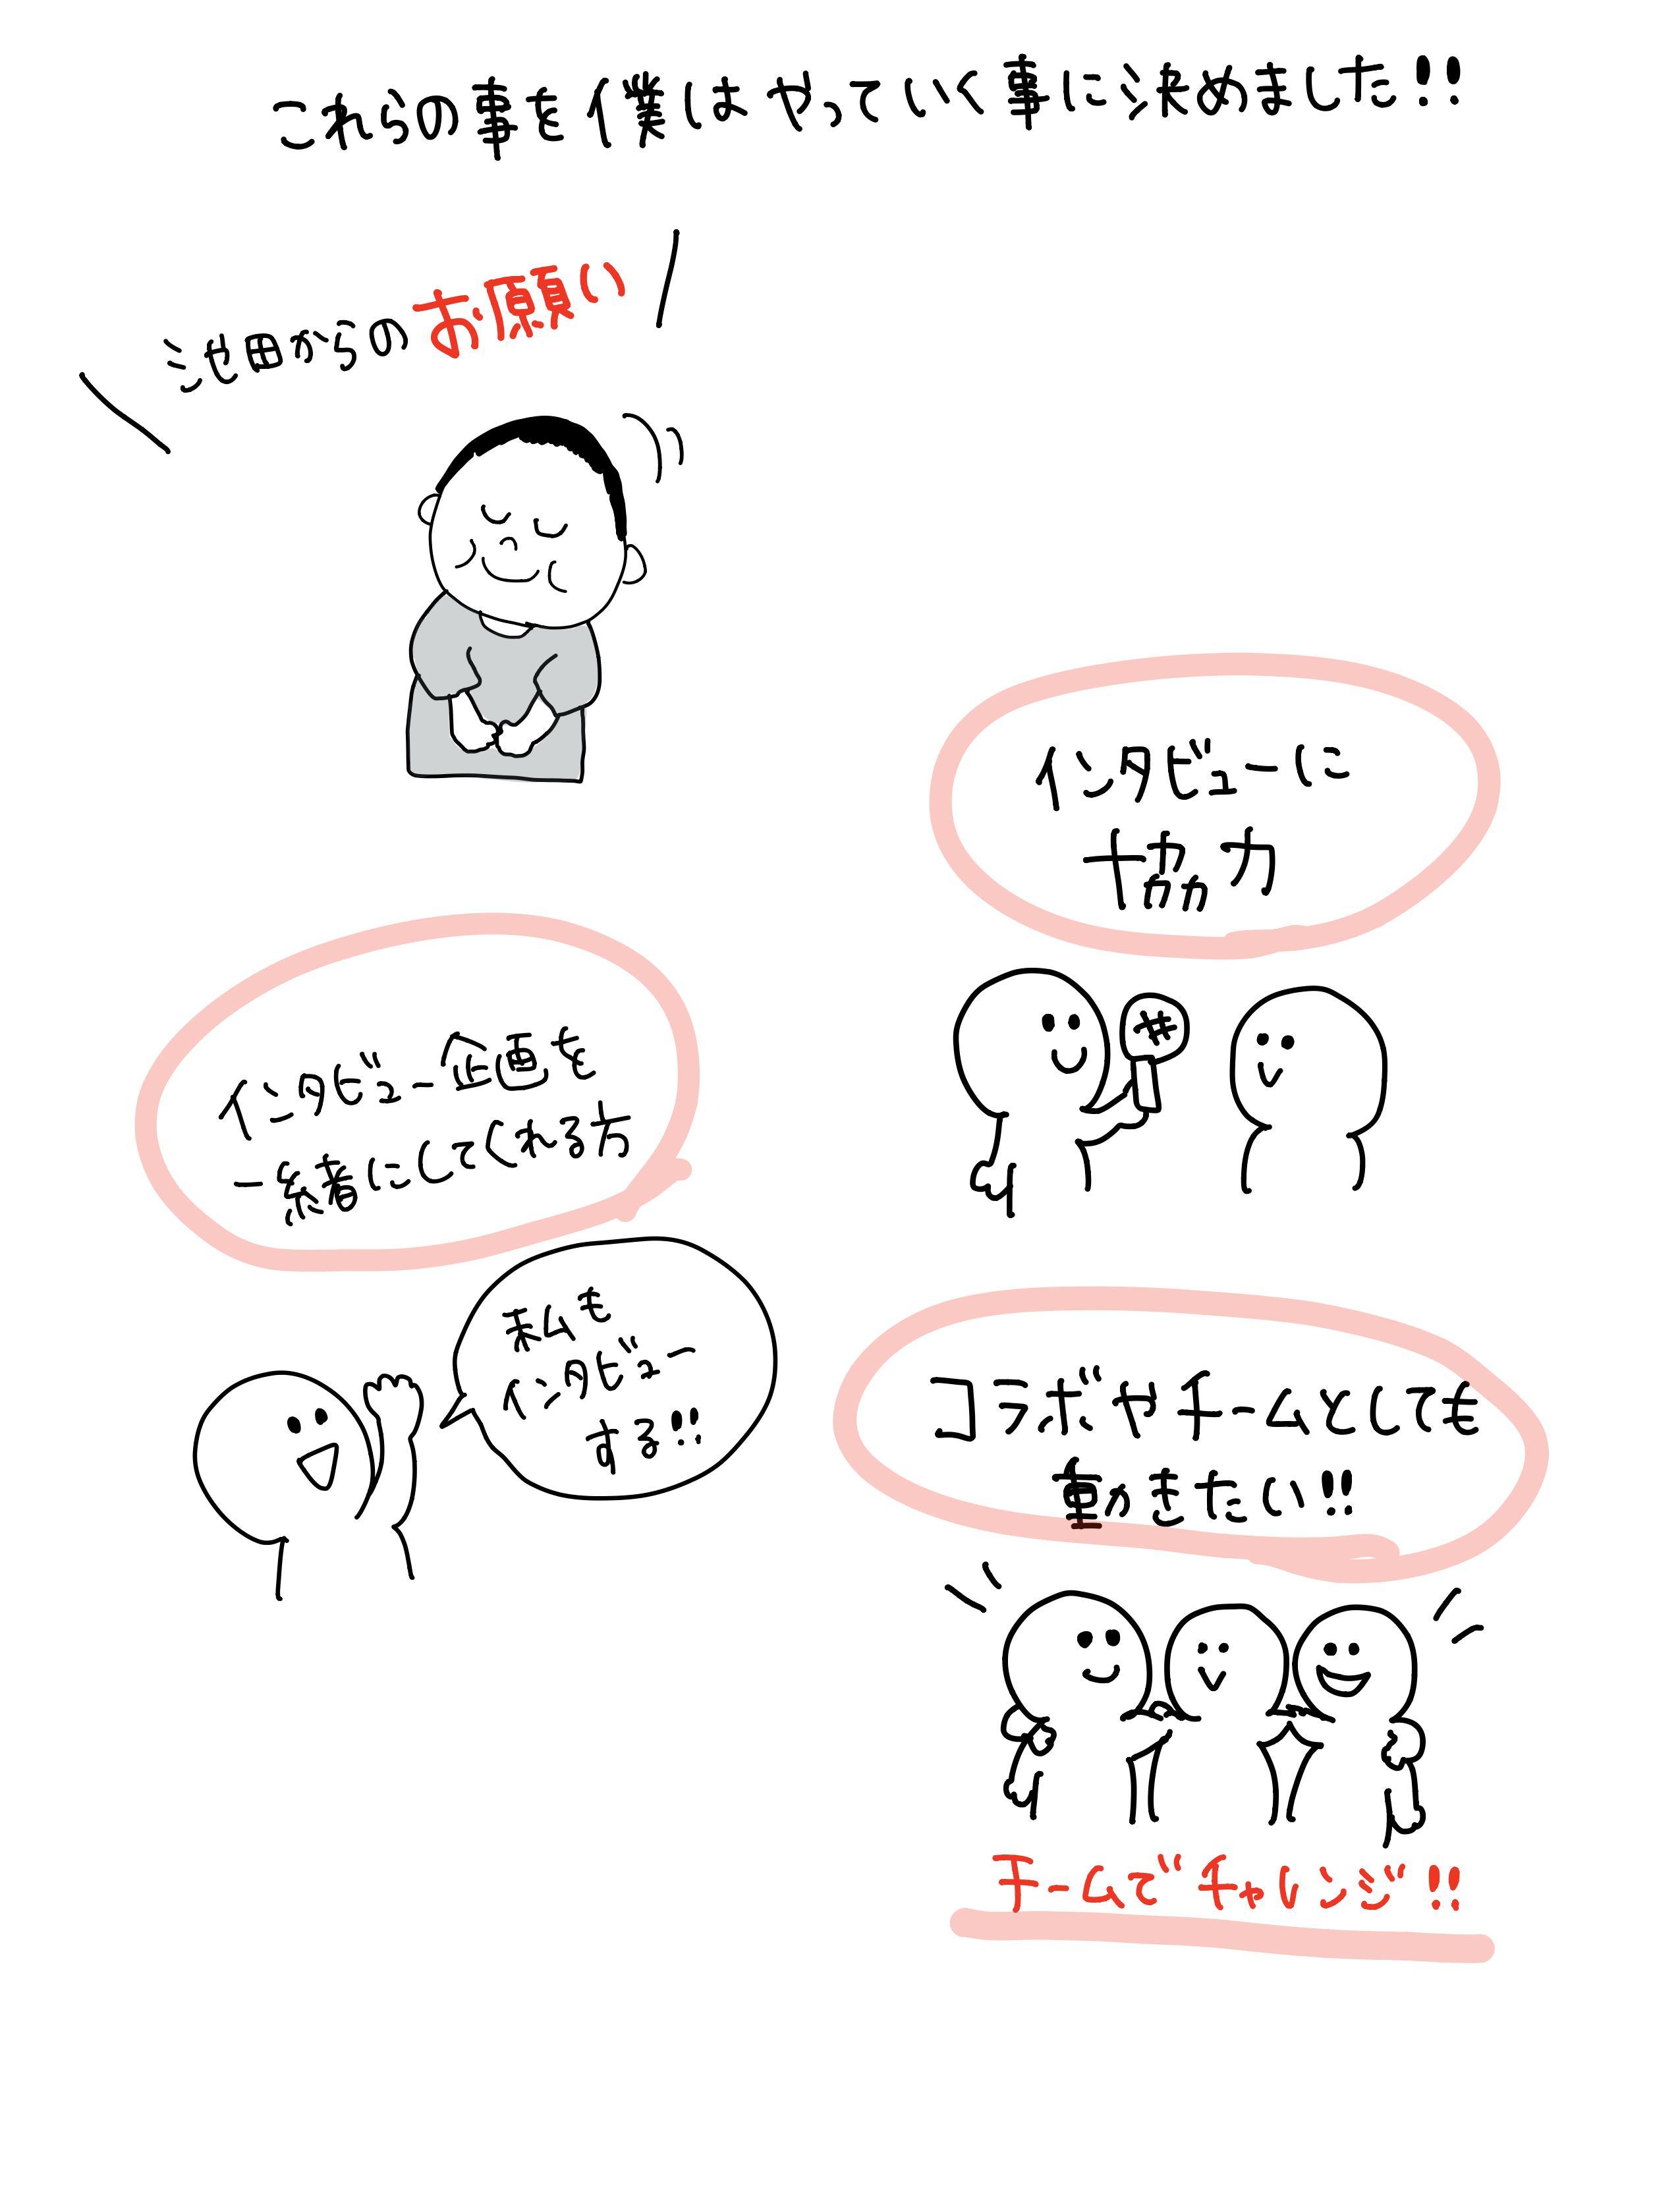 池田からチームNo.1のメンバーにお願い